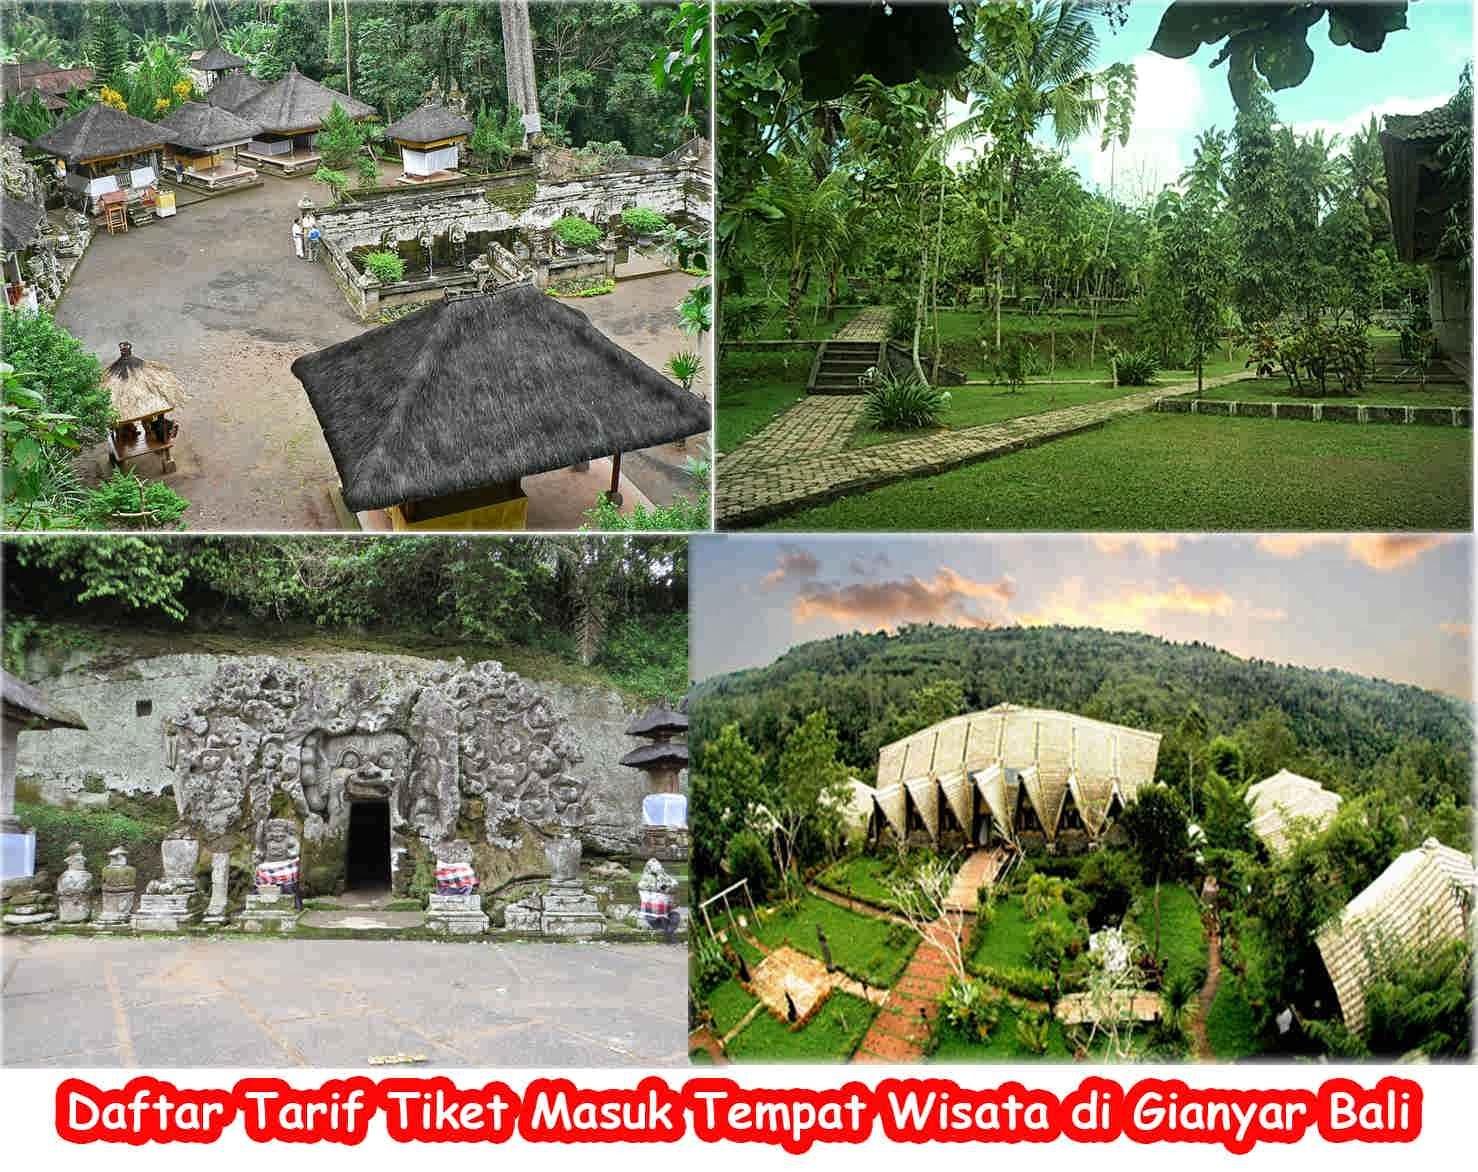 Daftar Tiket Masuk Objek Wisata Gianyar Bali Tempat Kabupaten Letaknya